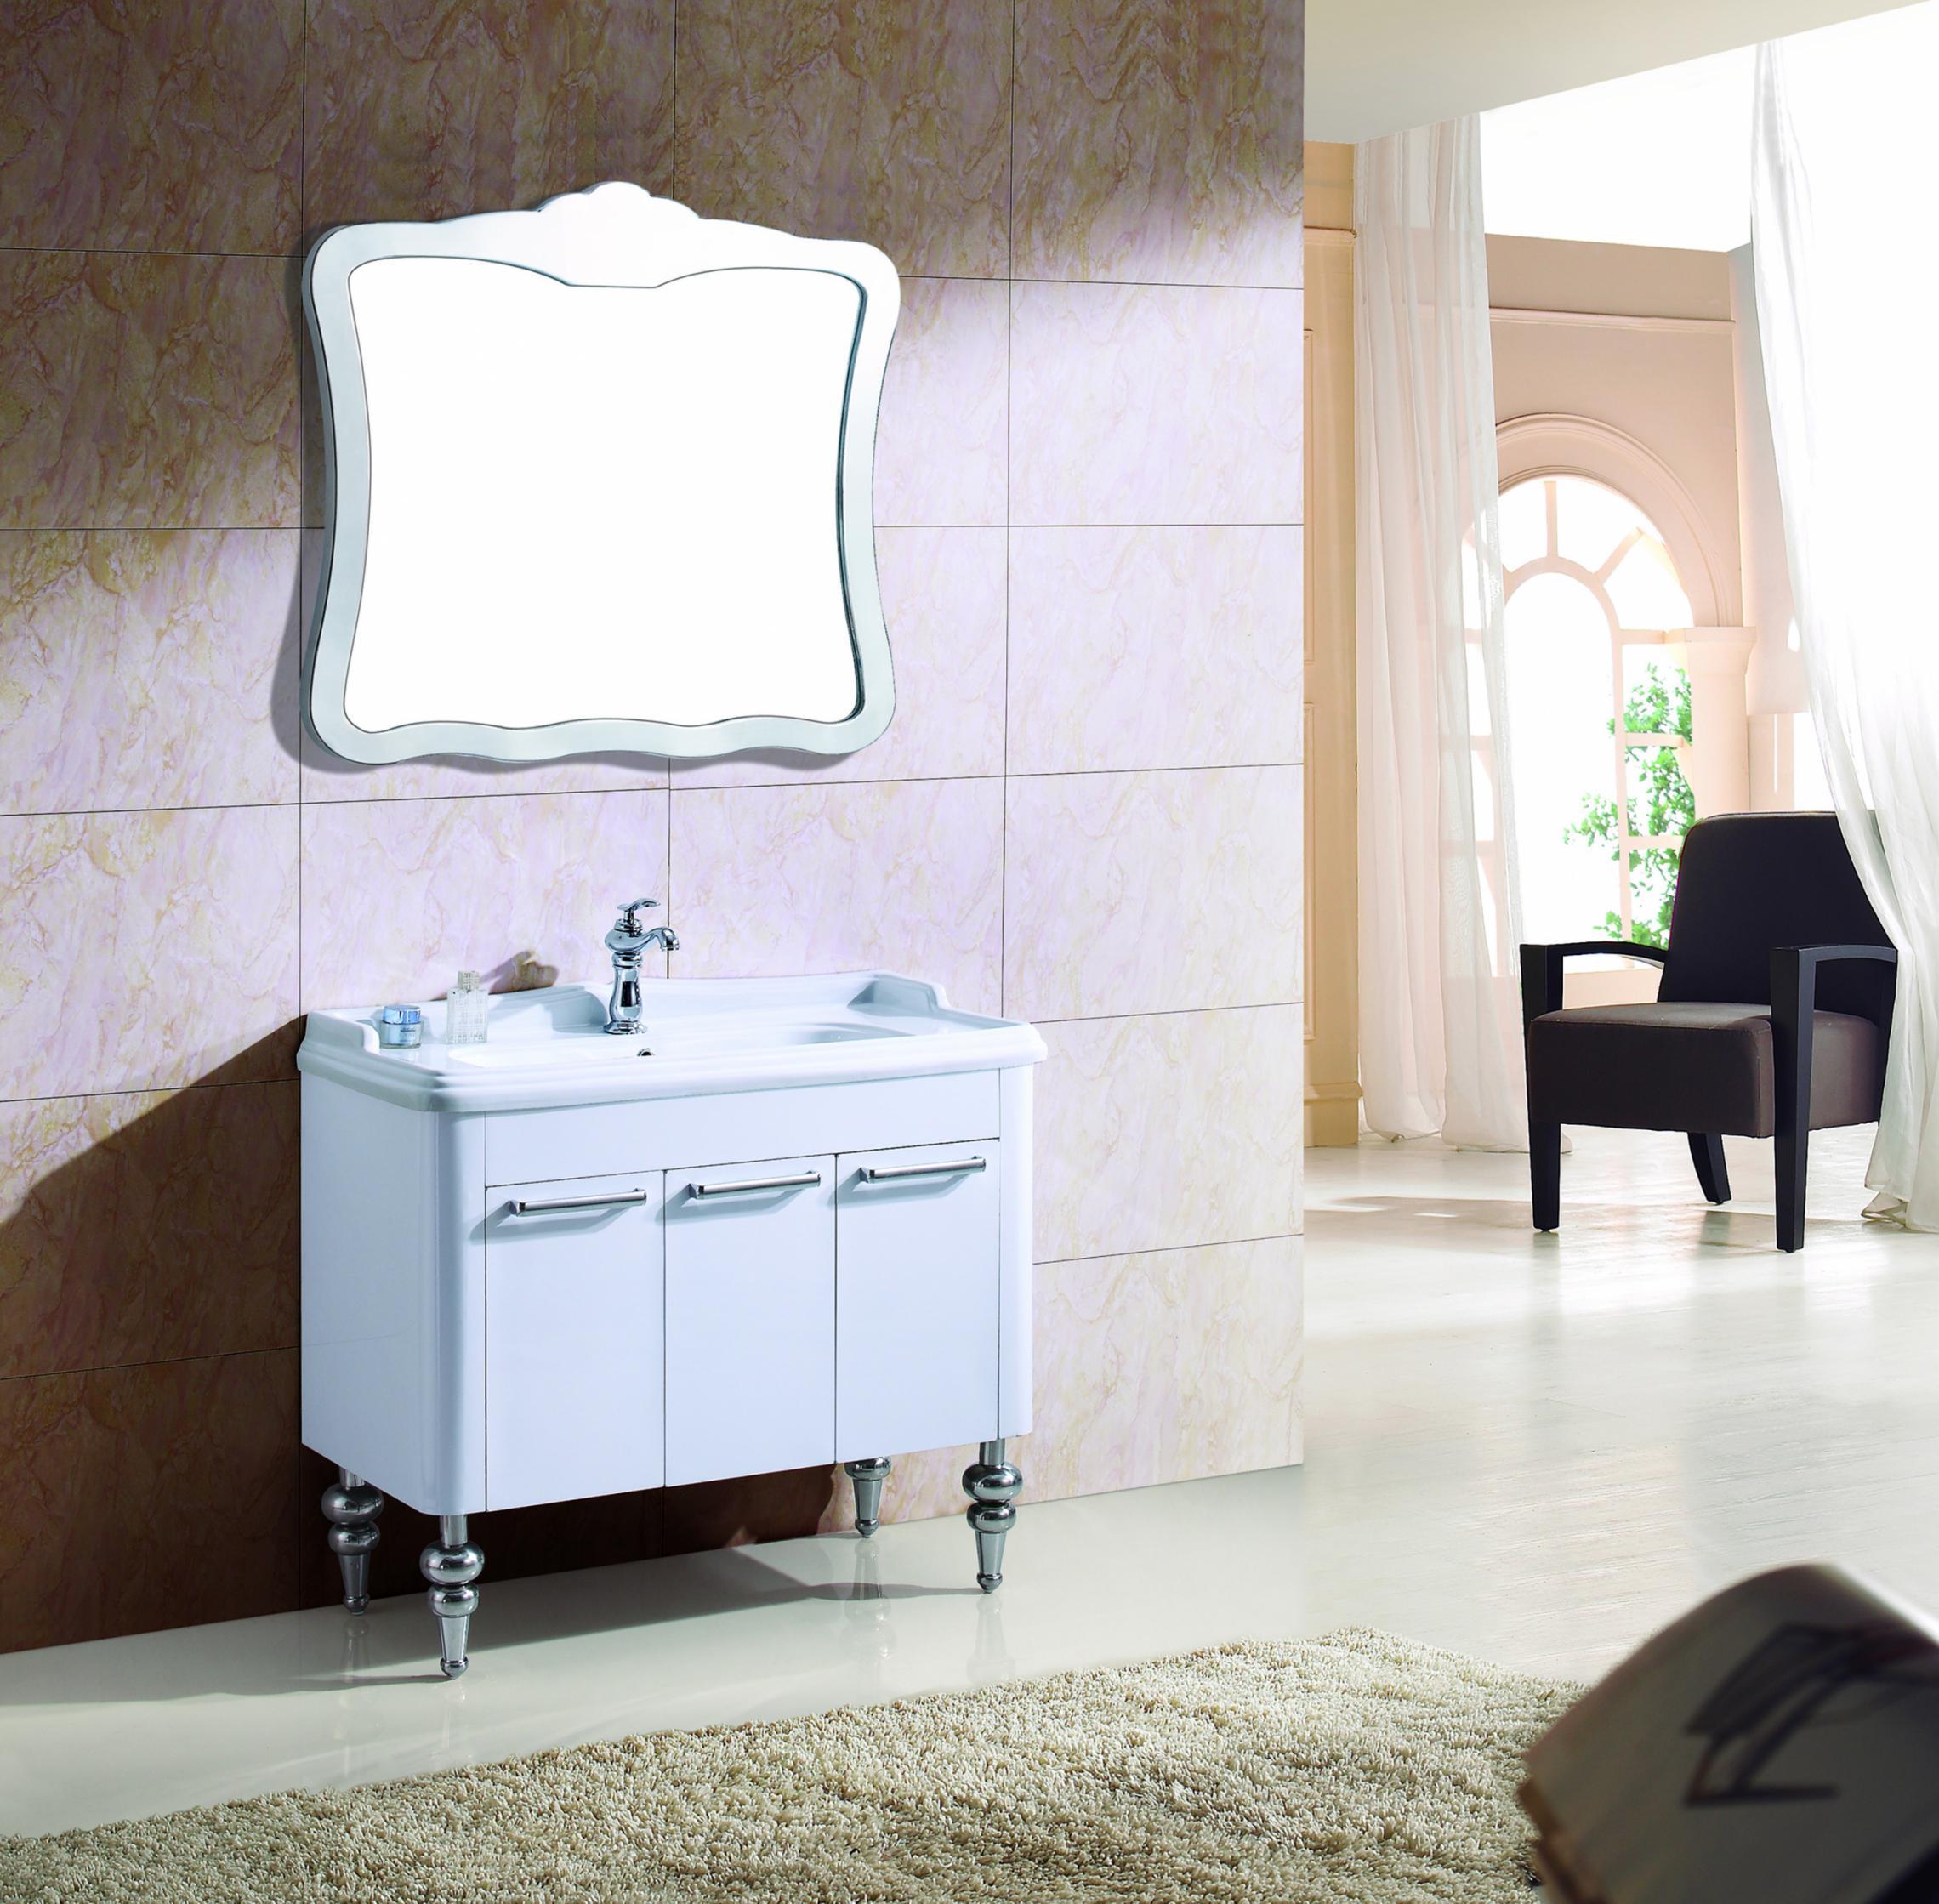 Bộ tủ chậu lavabo phòng tắm SUS304 MN-8806 2